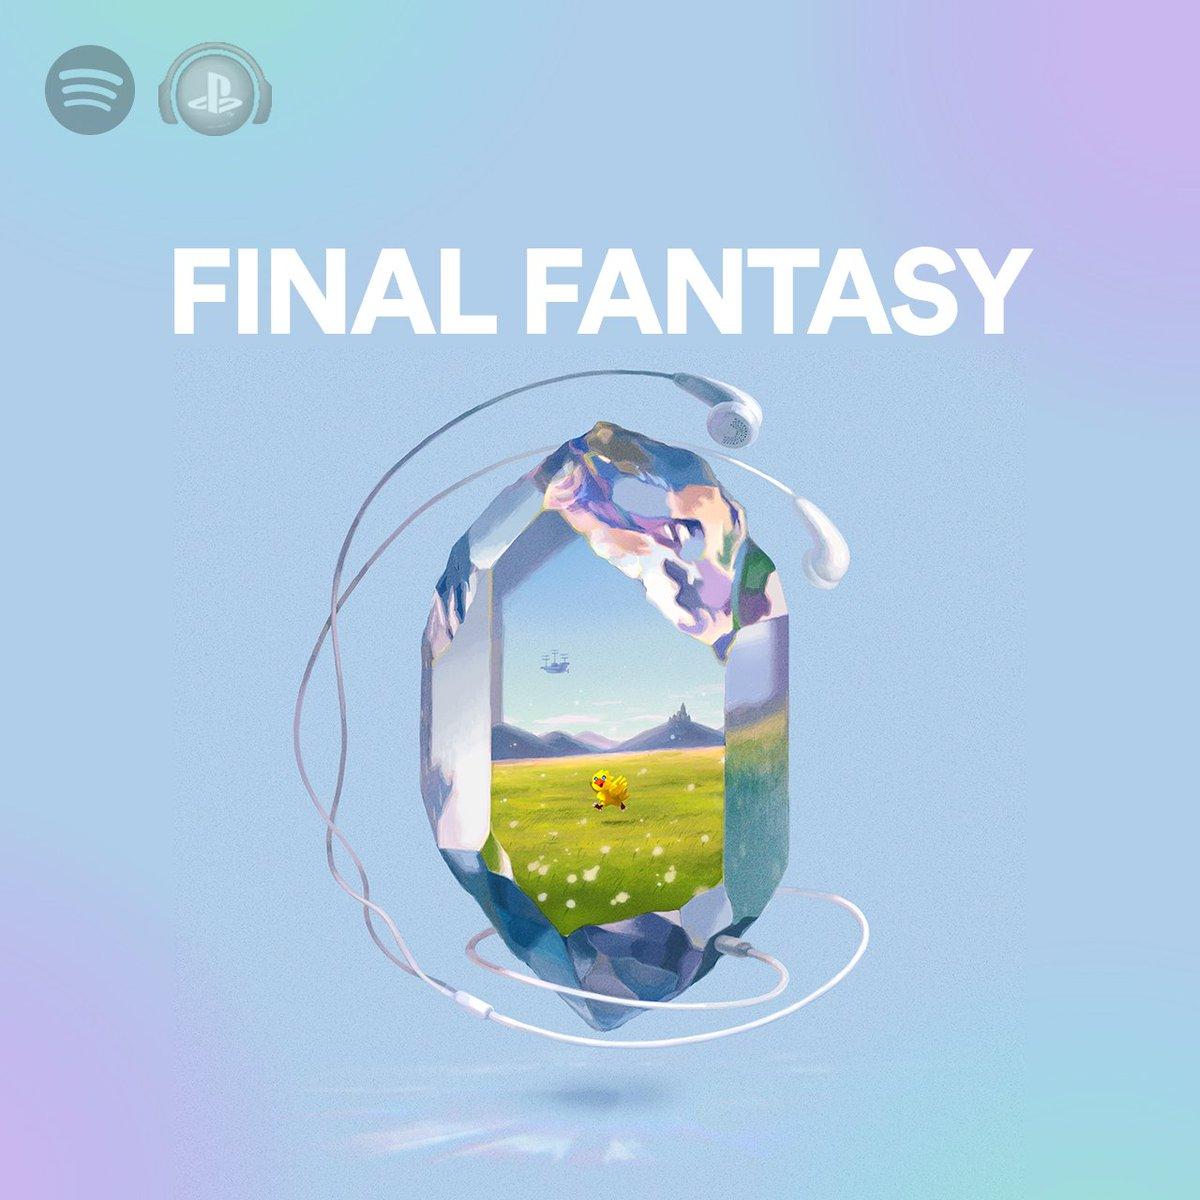 /ファンのみなさん、お待たせしました‼️\#ファイナルファンタジー (@FinalFantasyJP) の楽曲がSpotifyで聴けるようになりました🎉珠玉の名曲を